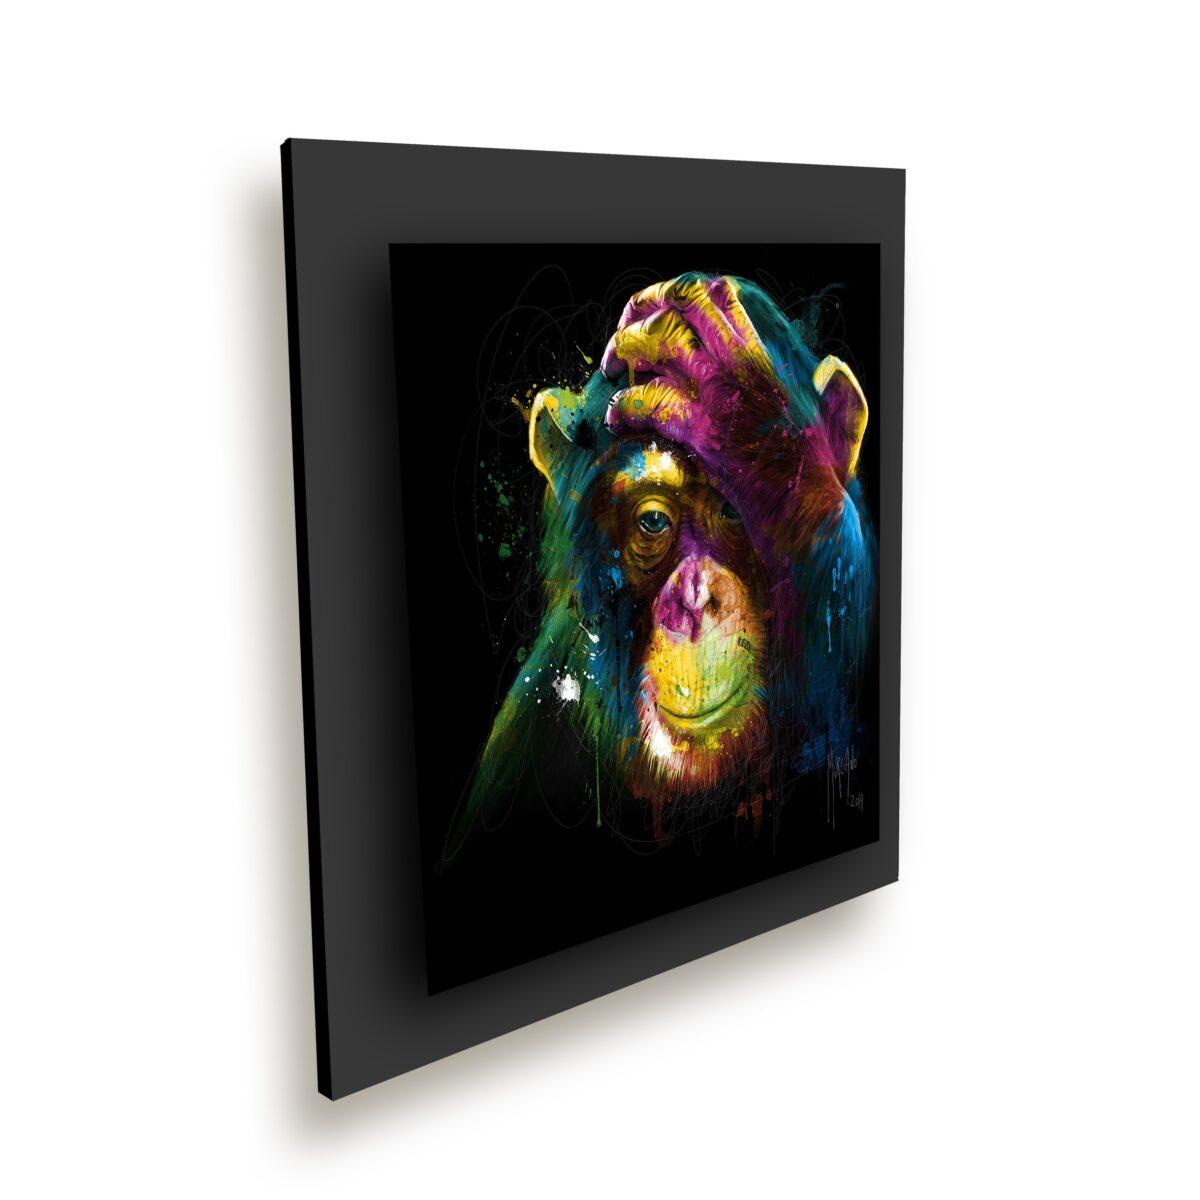 Darwin preoccupations - toile peinture - Galerie d'Art dans l'Hérault - art contemporain pop art by Murciano